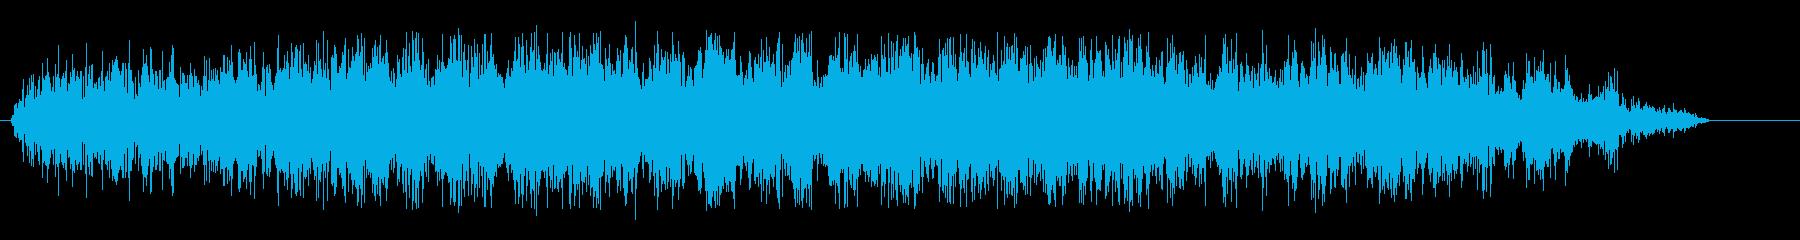 シャァ(キリキリ音)の再生済みの波形